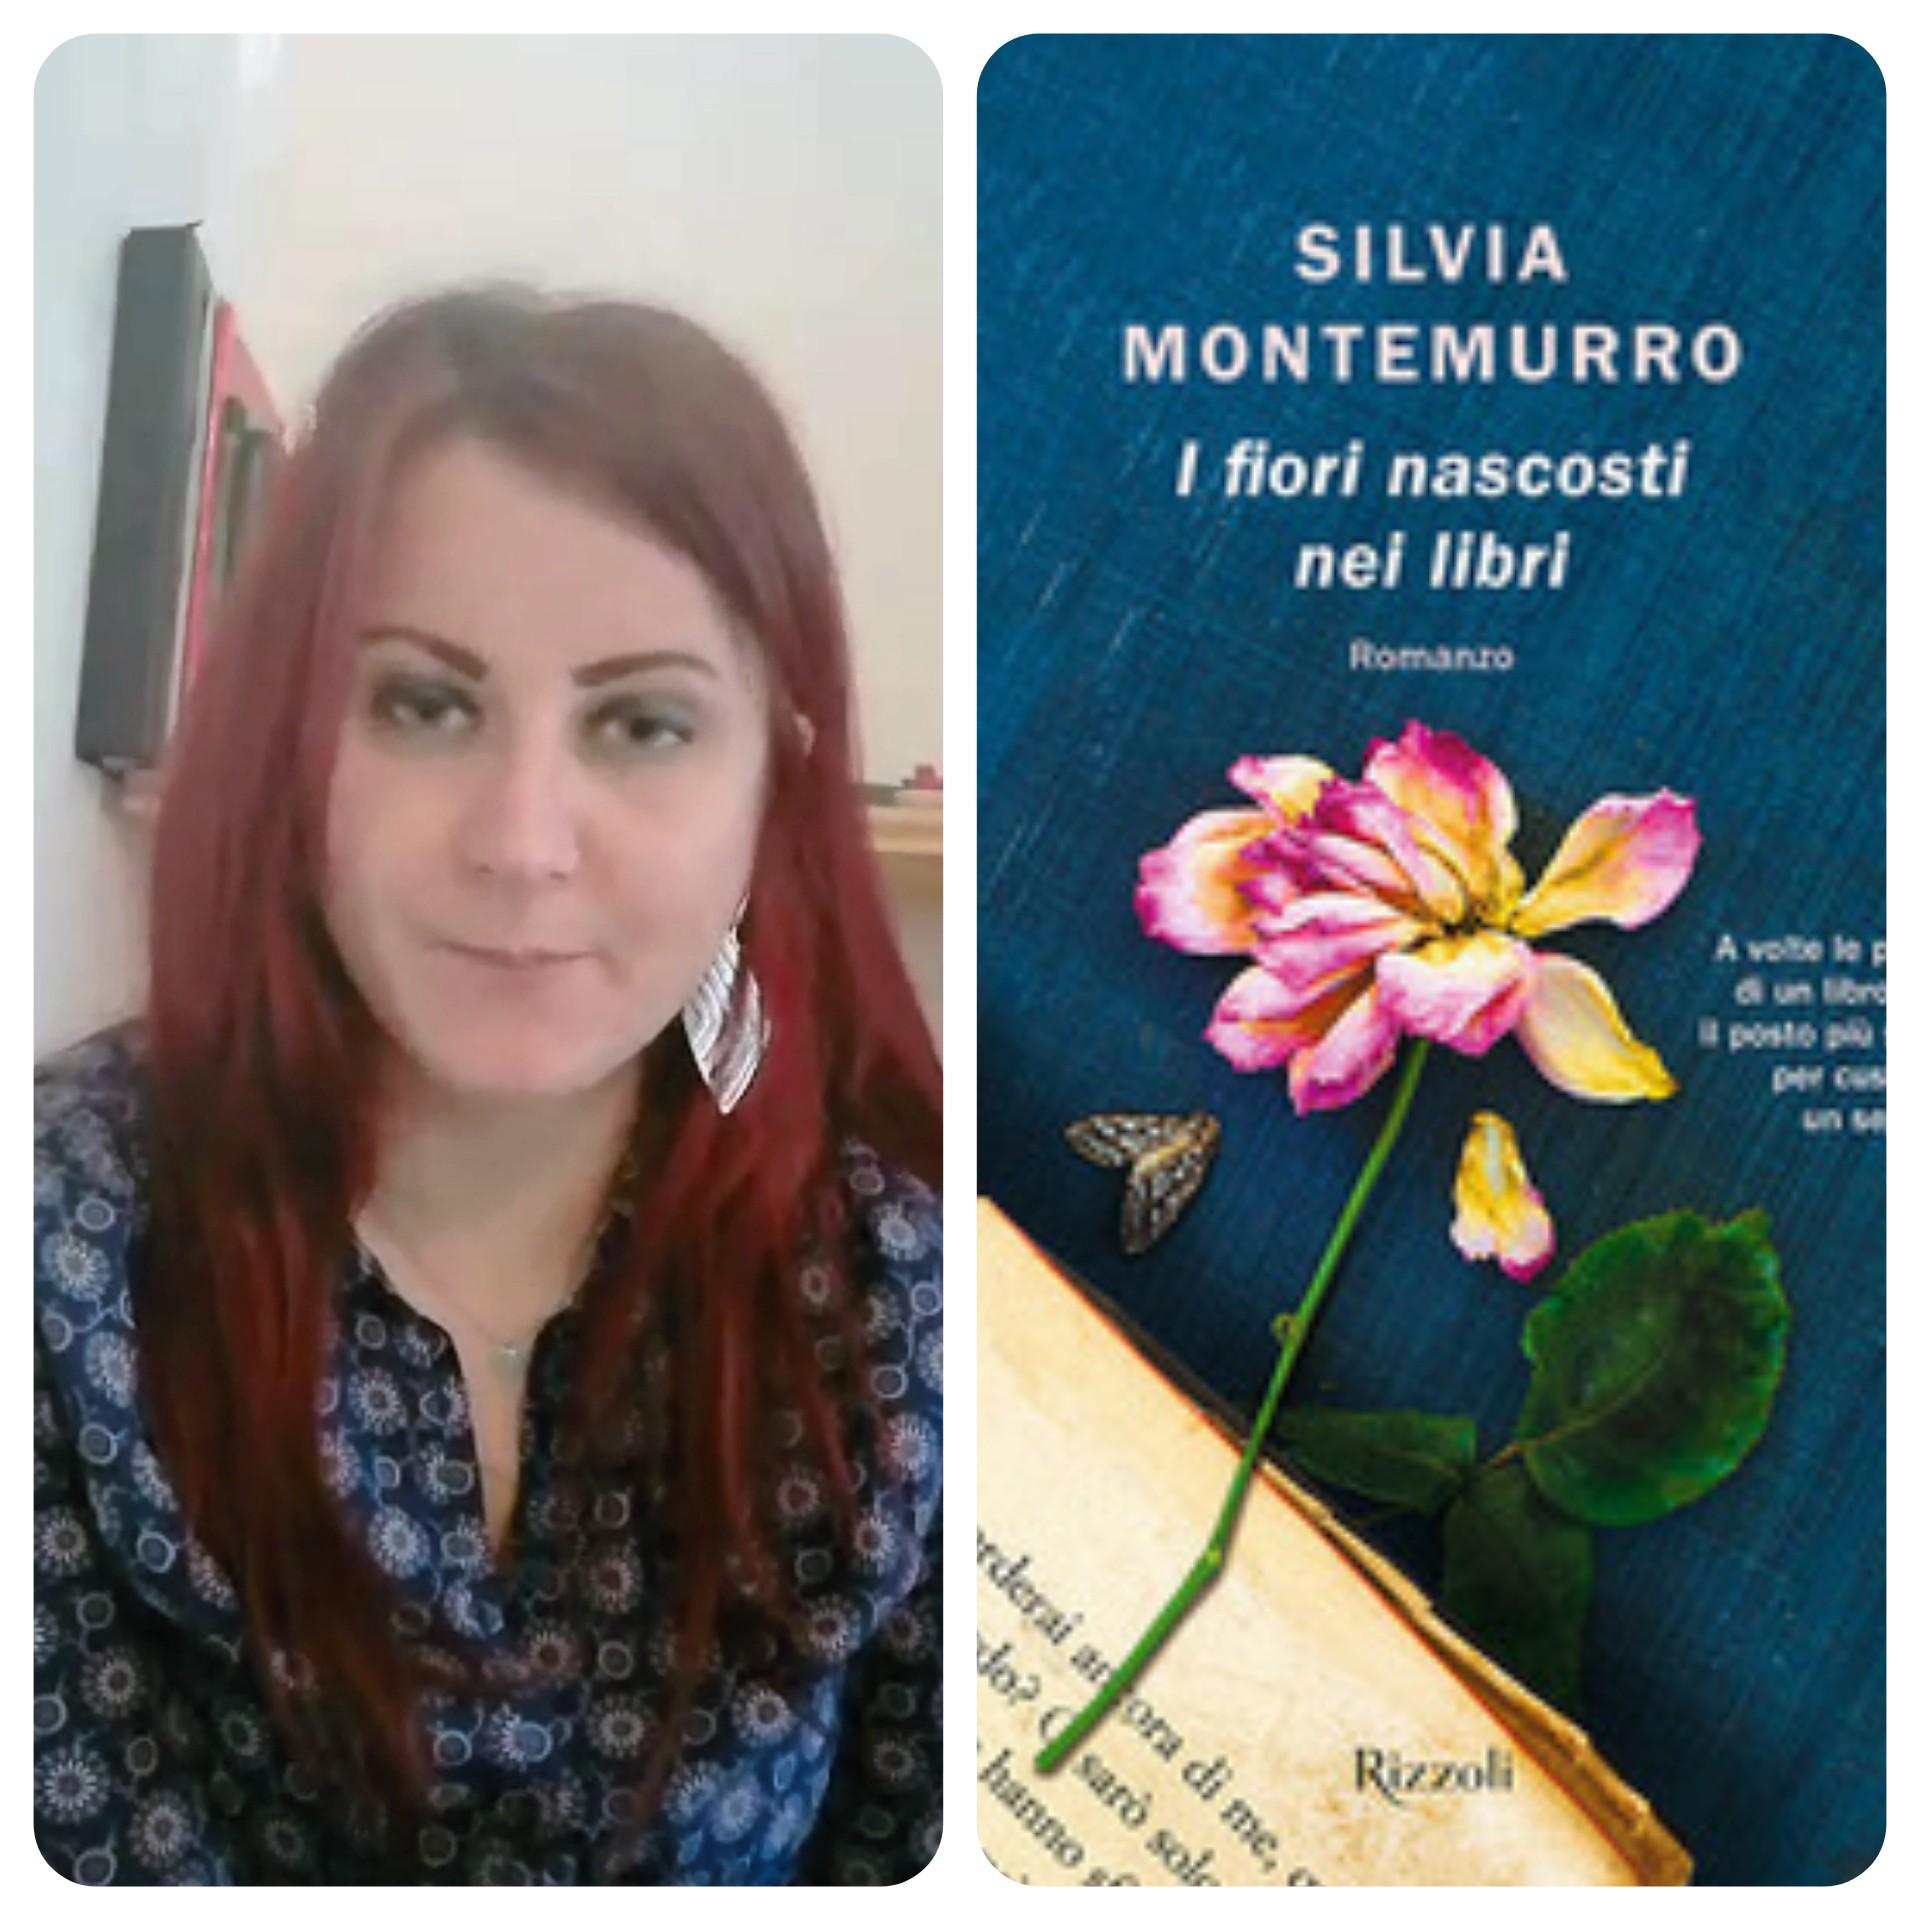 """""""Ve lo legge lo scrittore"""" con Silvia Montemurro autrice del romanzo """"I fiori nascosti nei libri"""" edito da Rizzoli"""